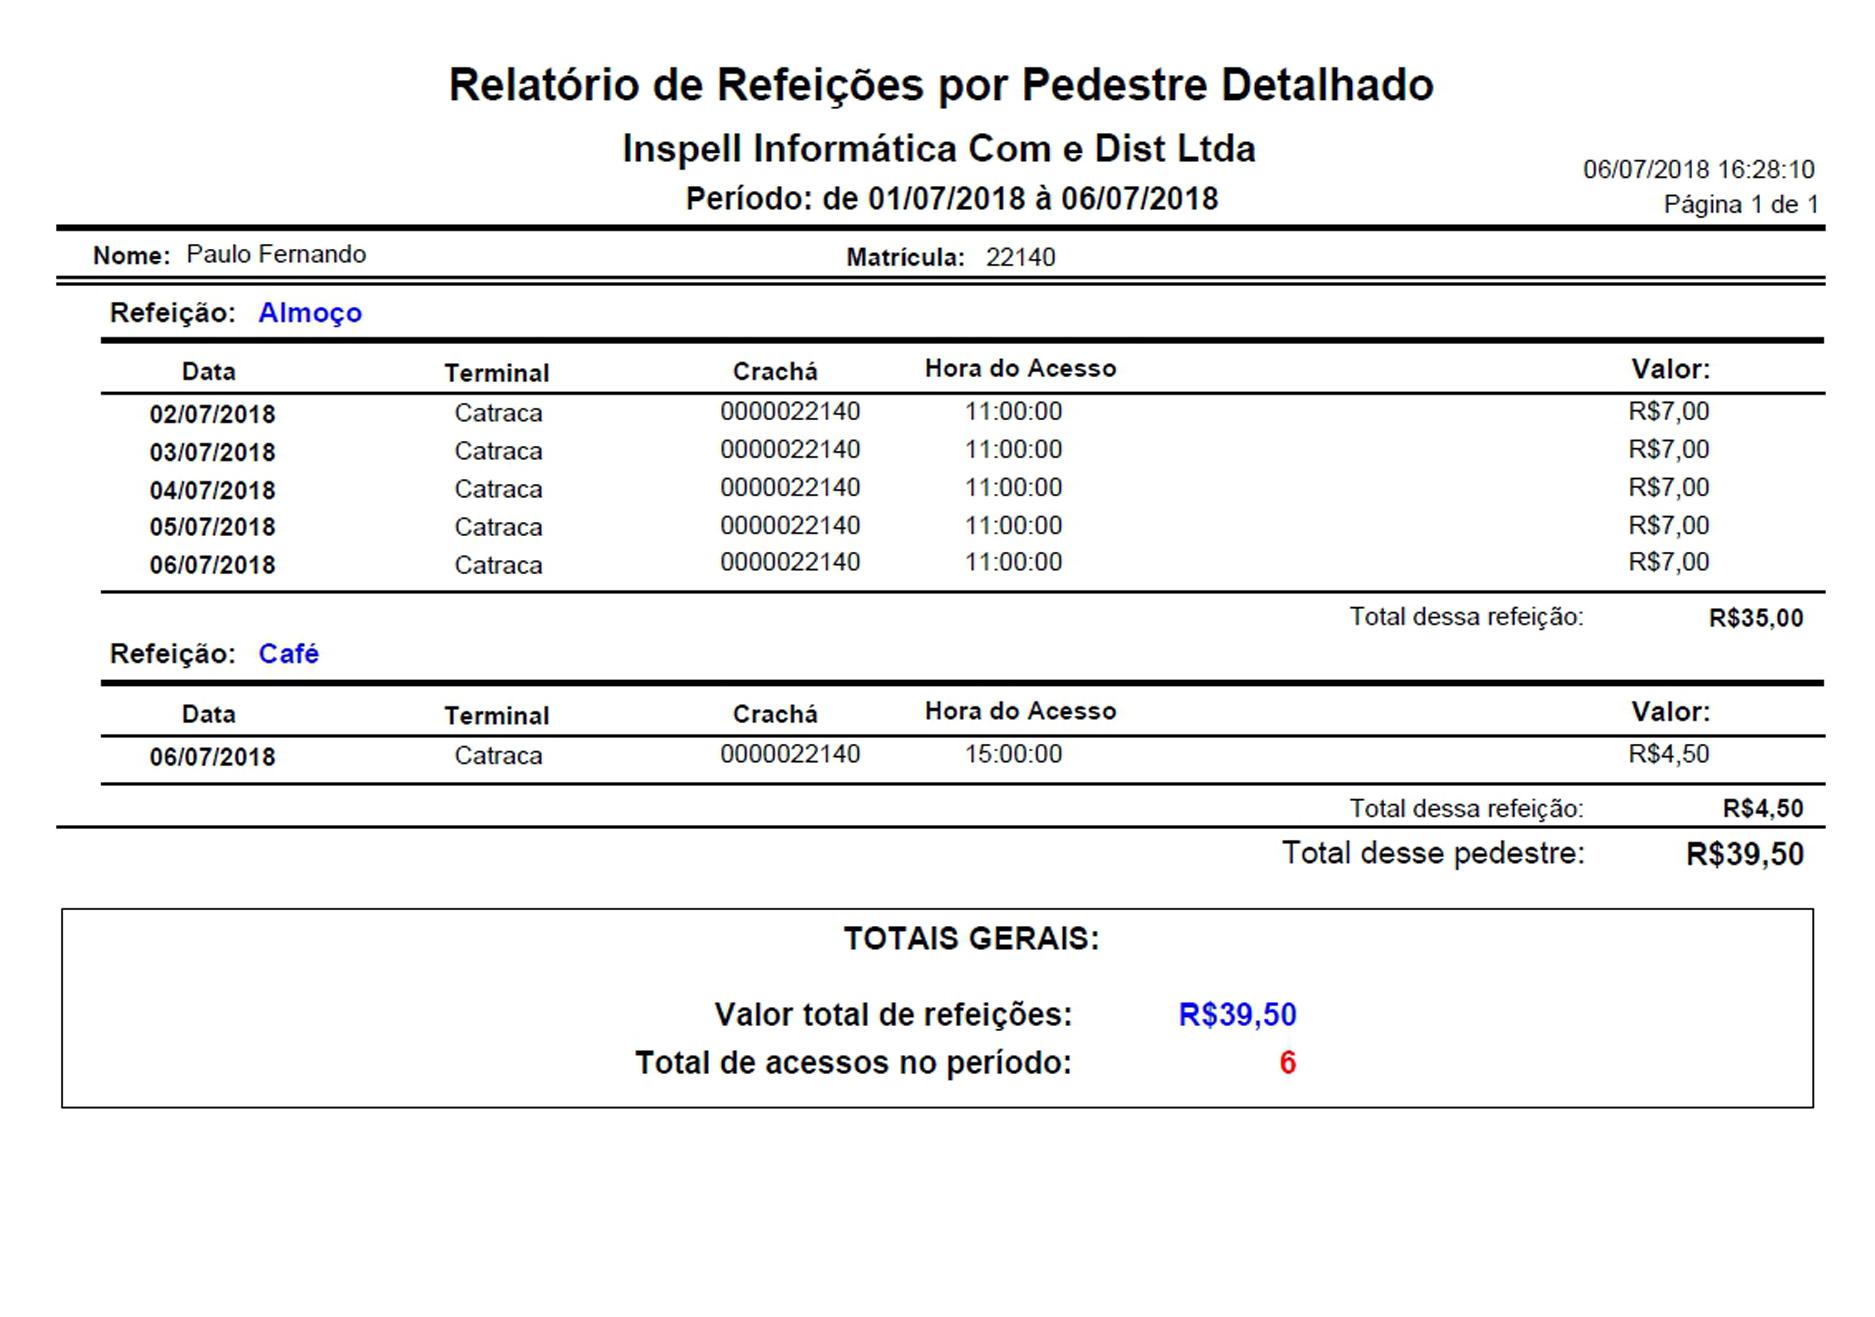 RefControl05